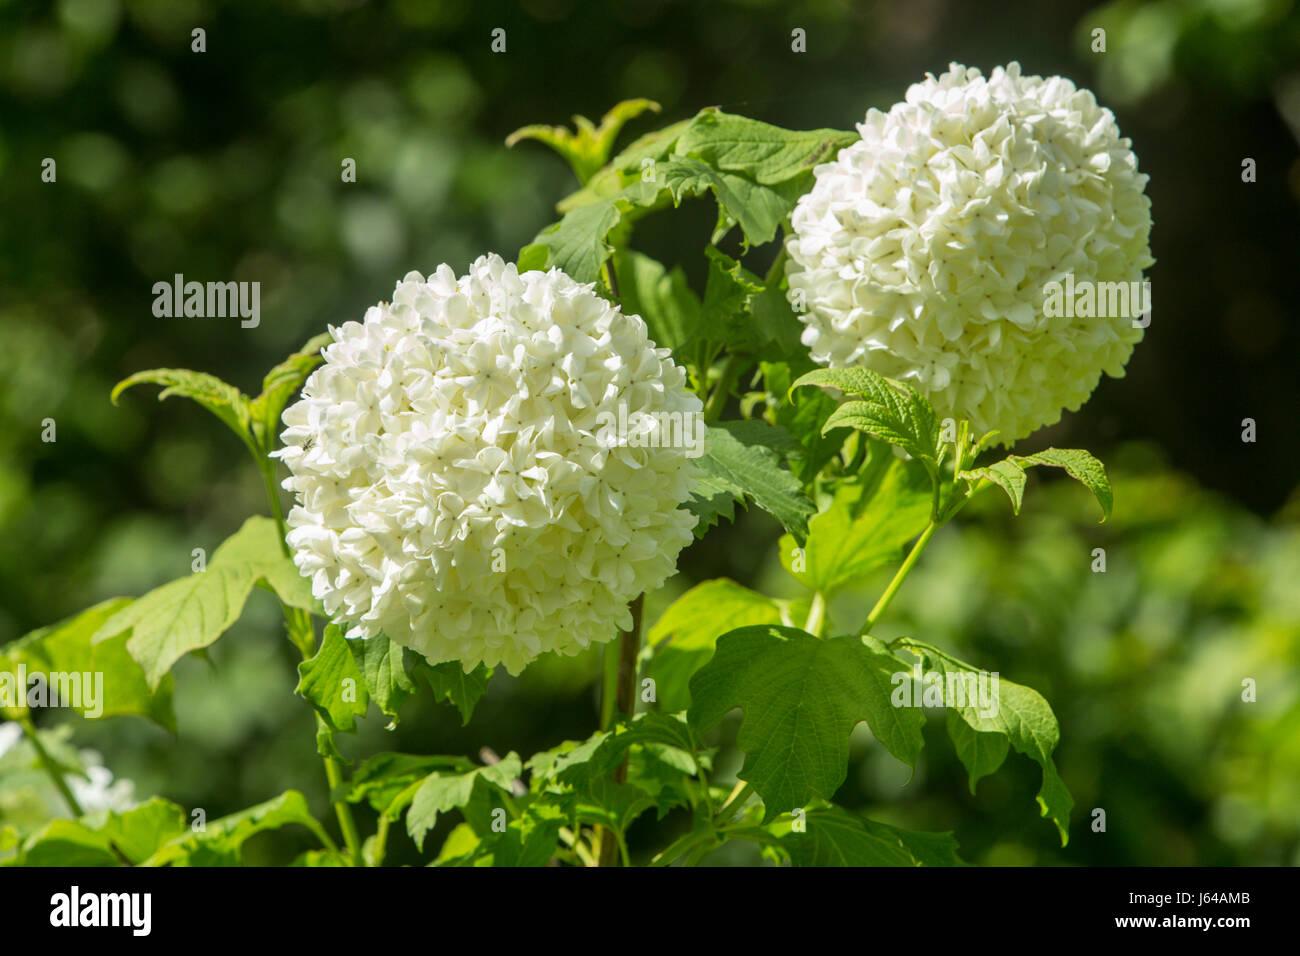 Viburnum opulus Roseum, the snowball tree, in full bloom. - Stock Image